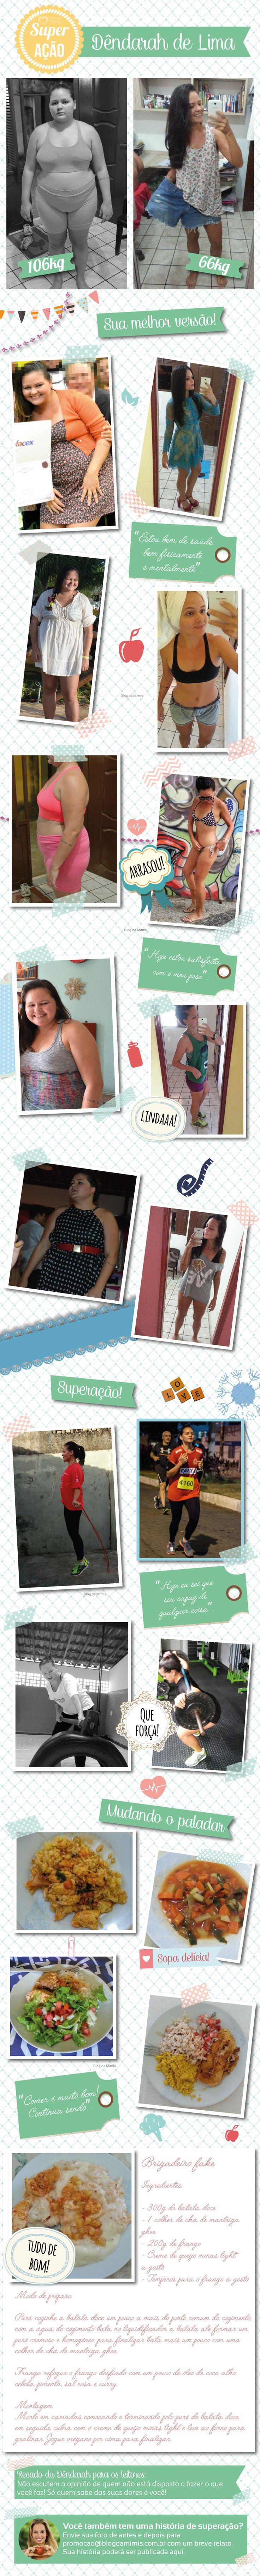 Superação Dêndarah: decidida, ela emagreceu 40kg em 4 meses - Blog da Mimis #emagrecer #dieta #perderpeso #sobrepeso #alimentação #loseweight